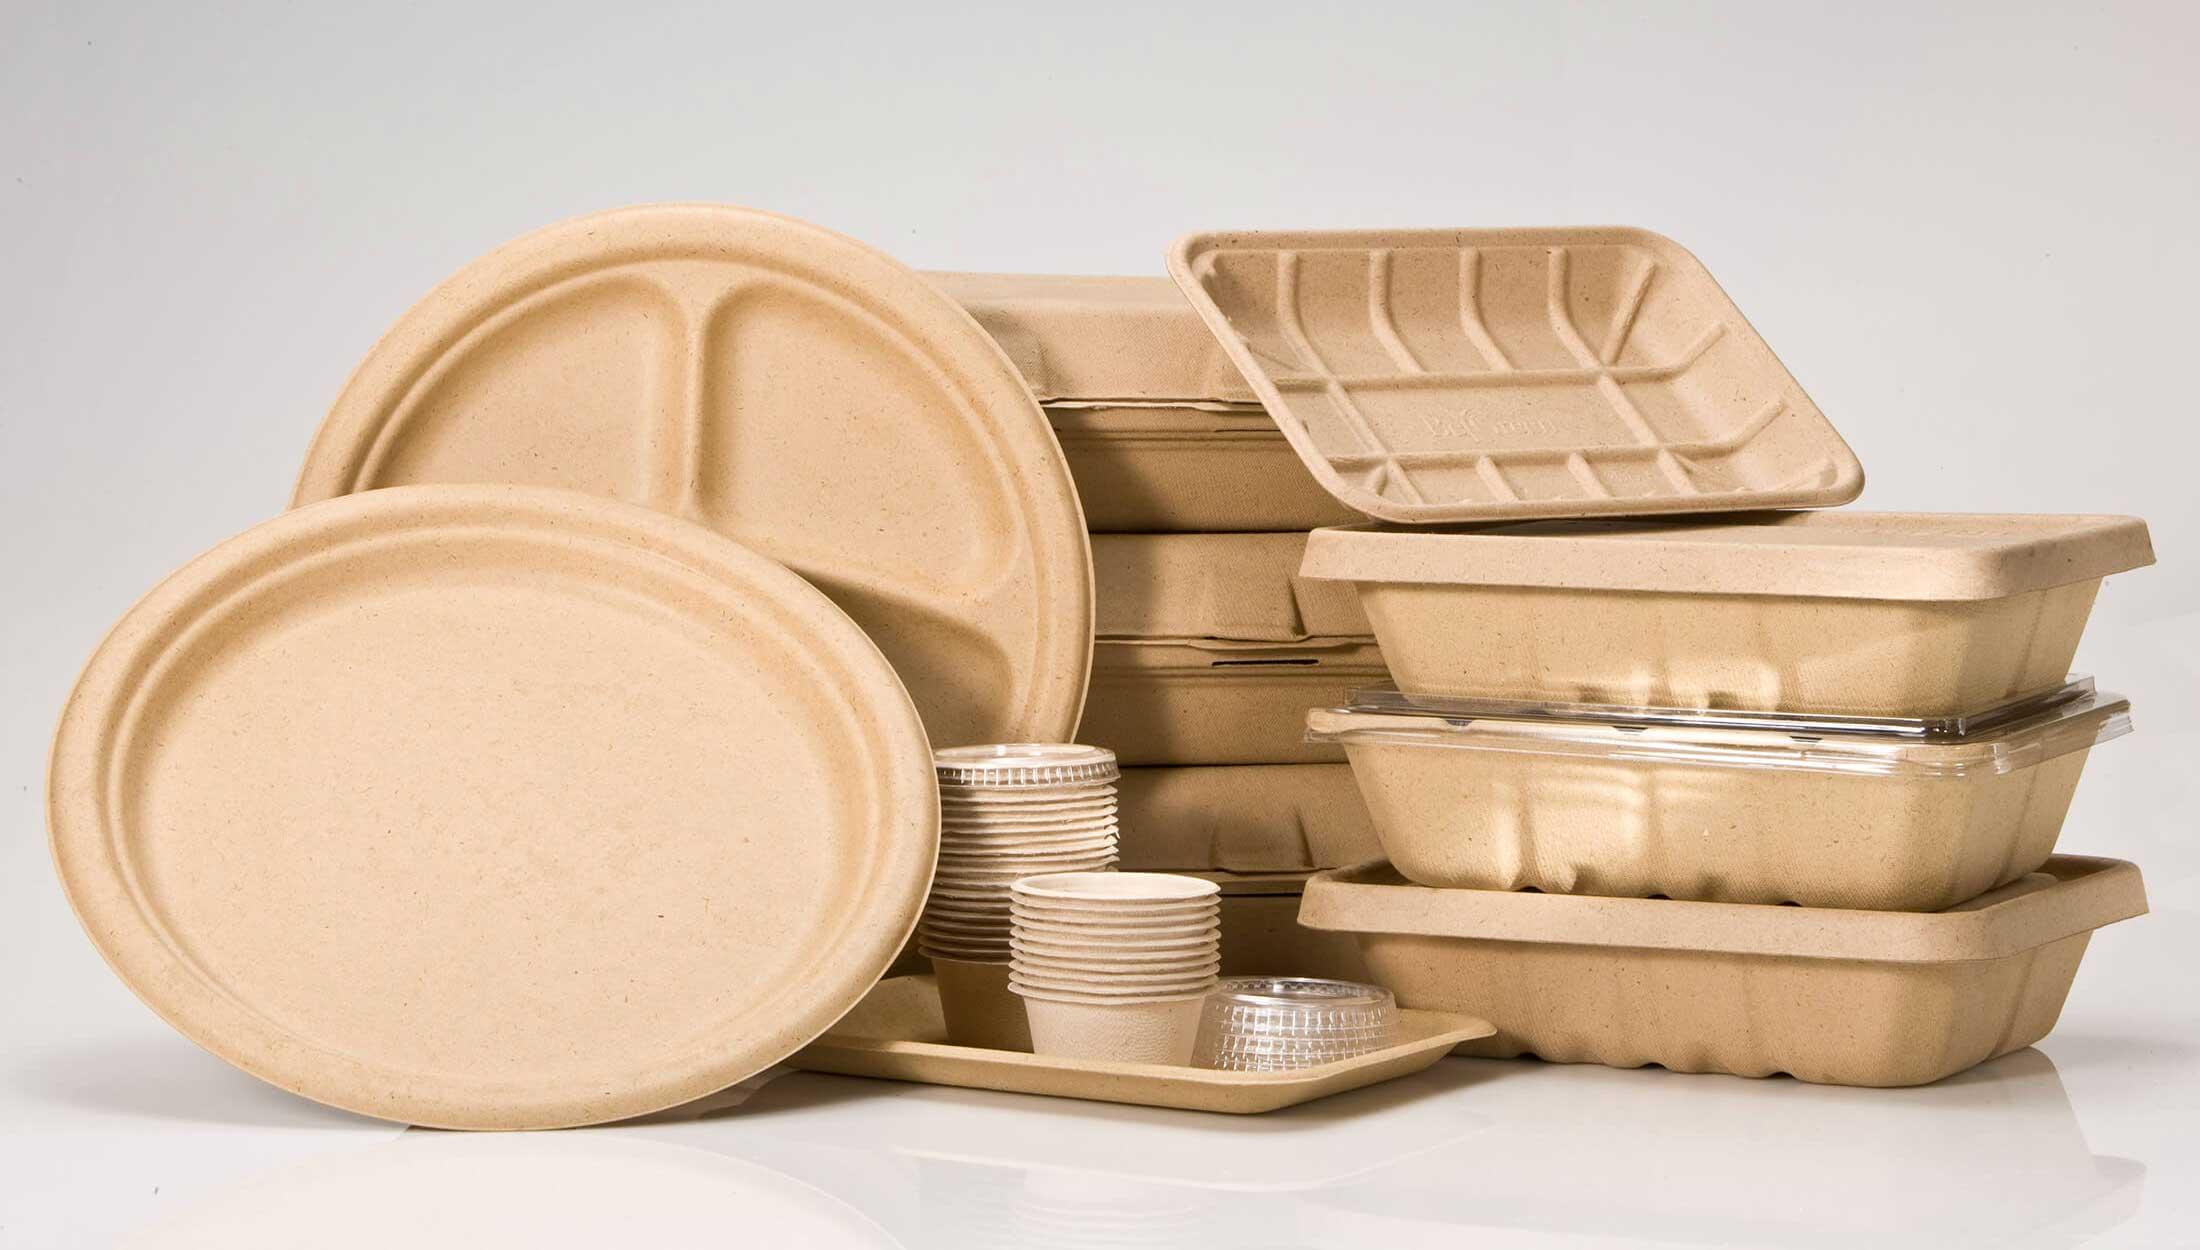 ۱۲ نکته مهم در استفاده از ظروف یک بار مصرف